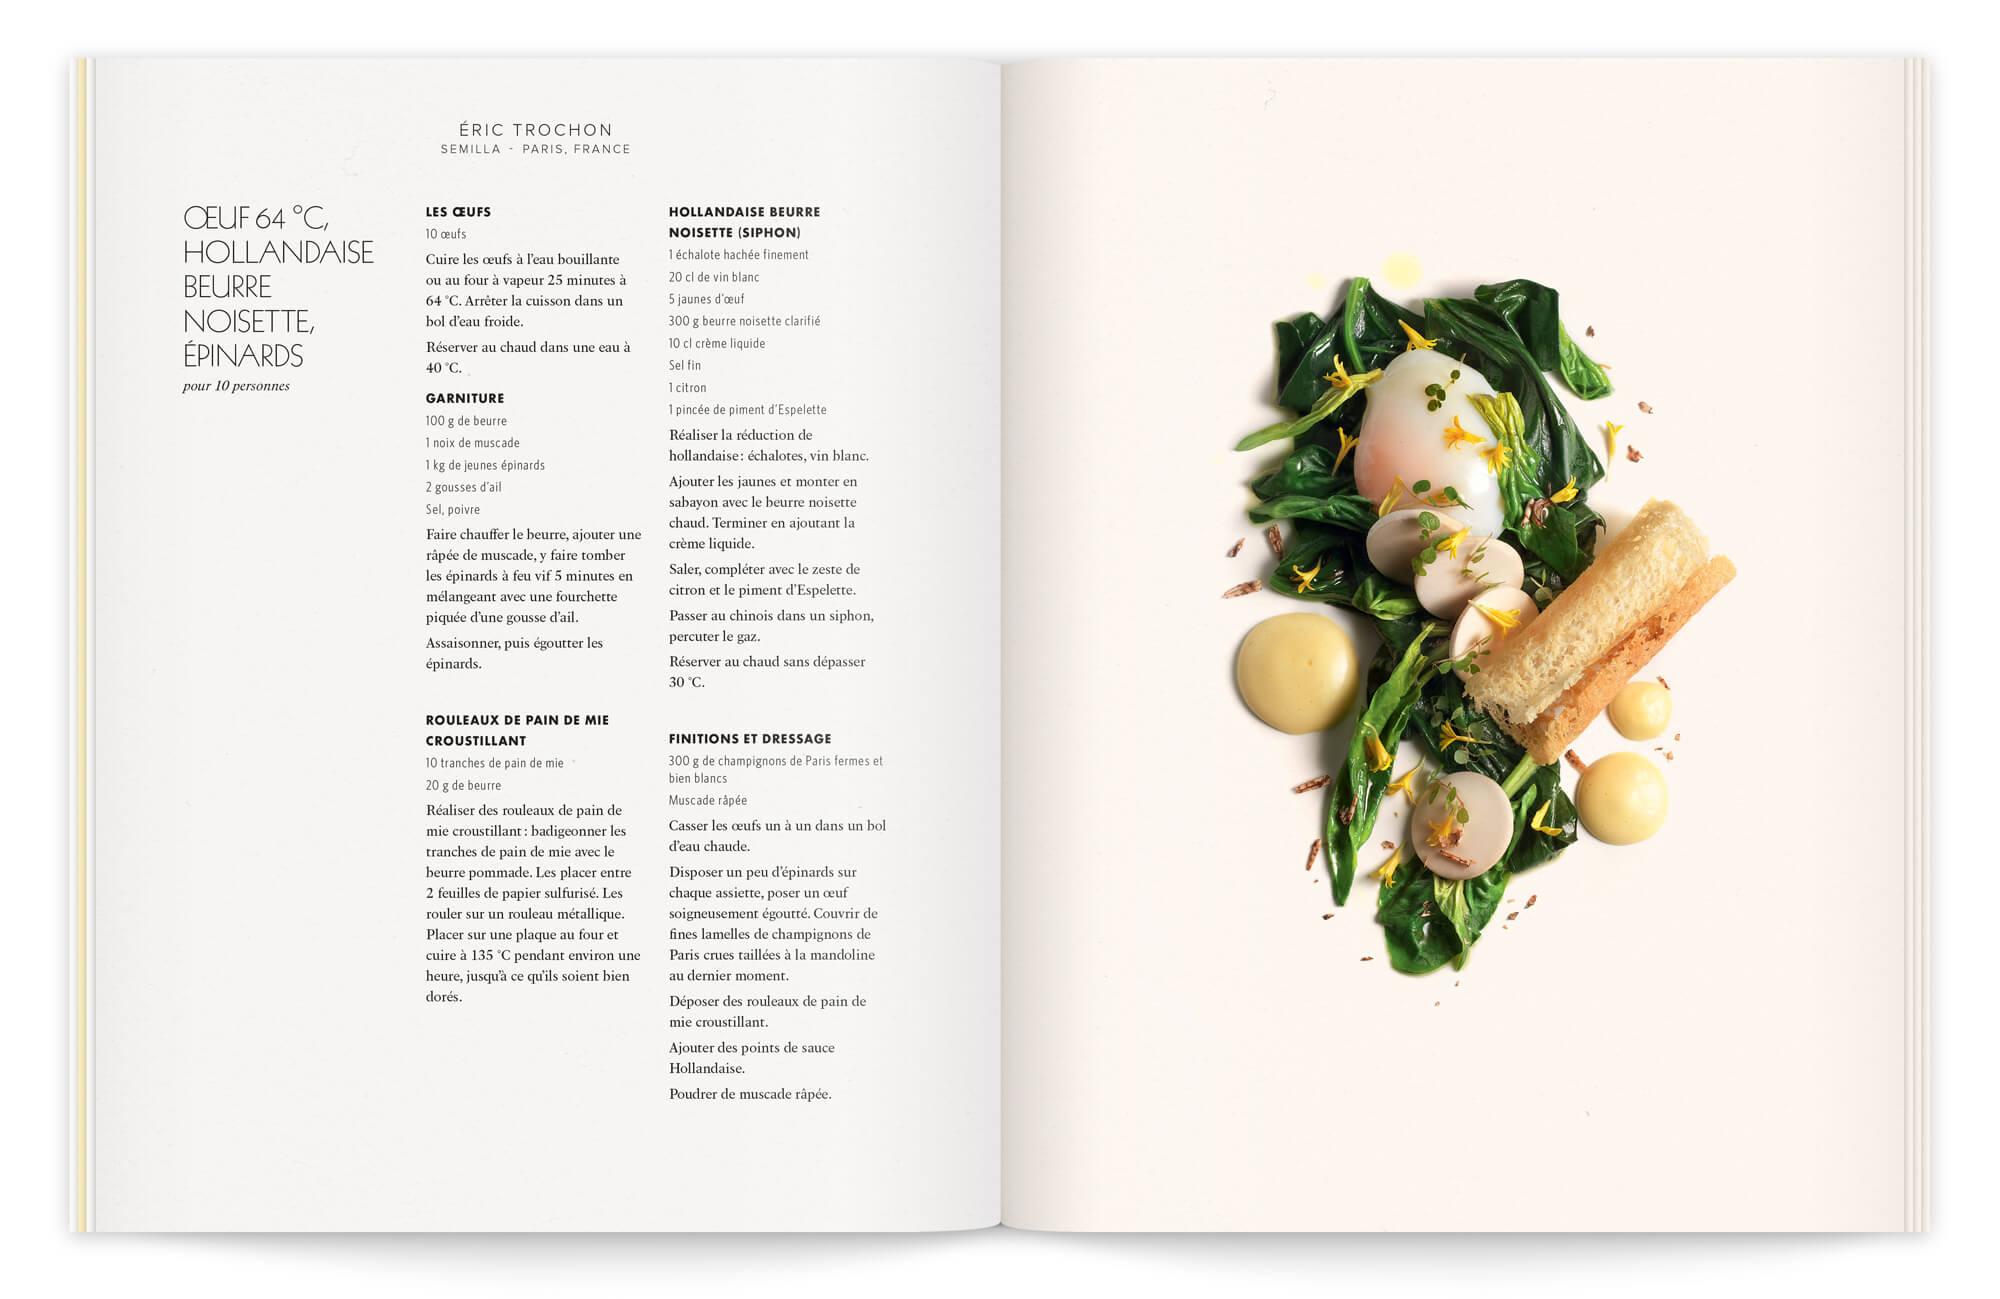 helena ichbiah réunit une équipe de talent pour le shooting culinaire de cette brochure gastronomique. Une recette du chef Éric trochon magnifié par peter lippmann